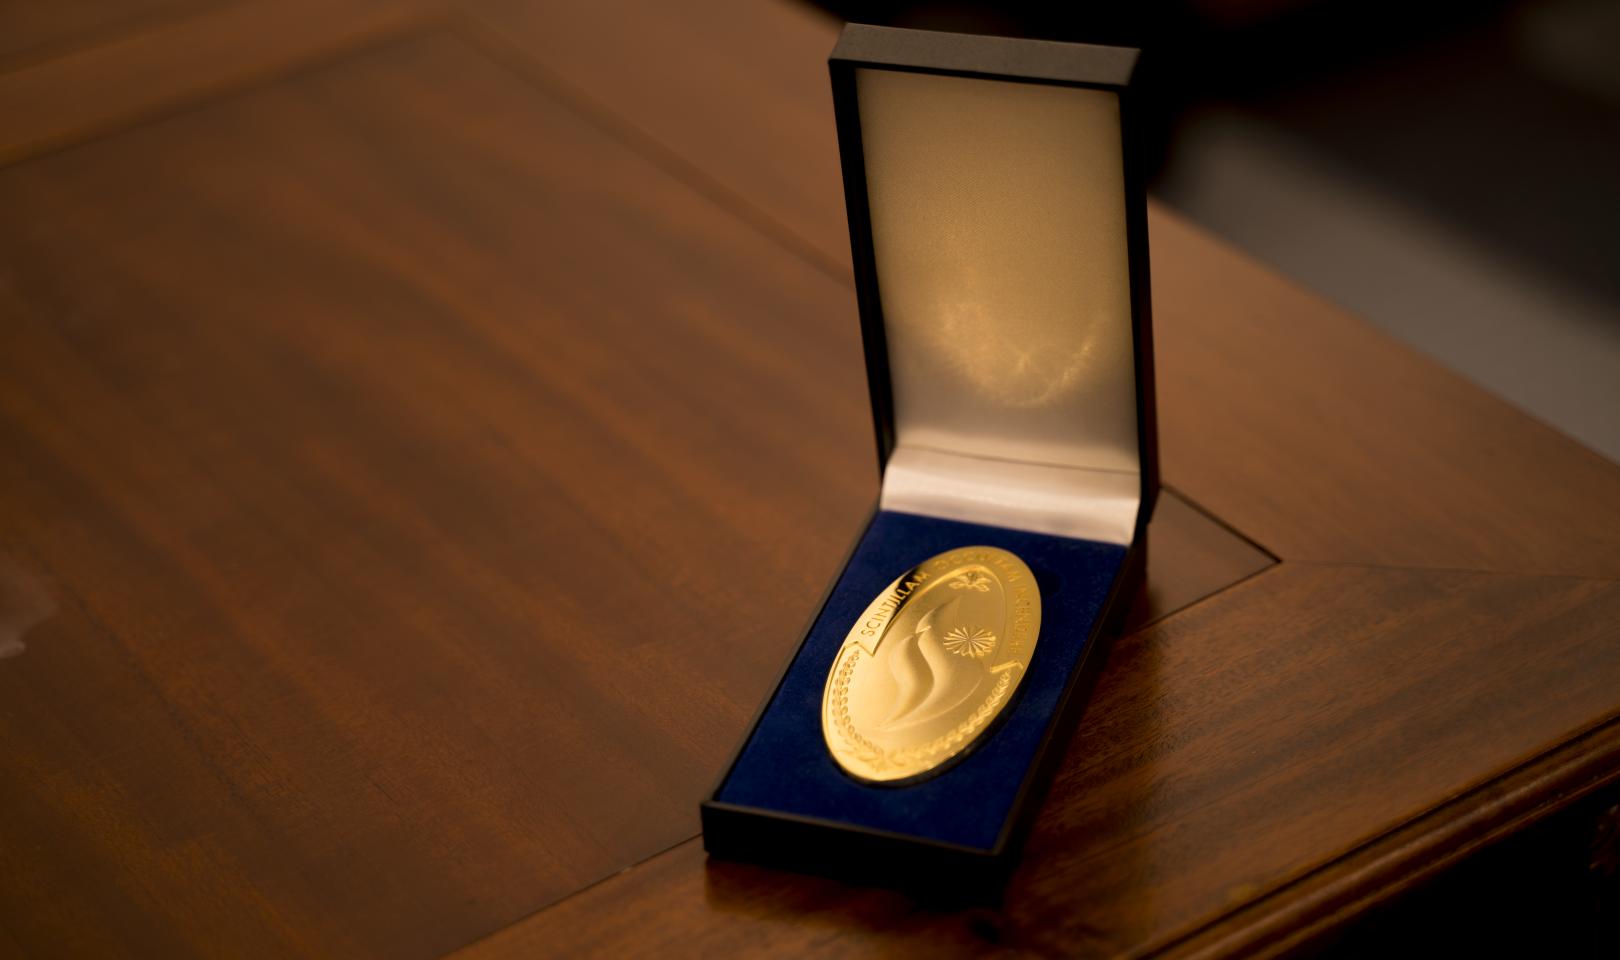 Oval medal case